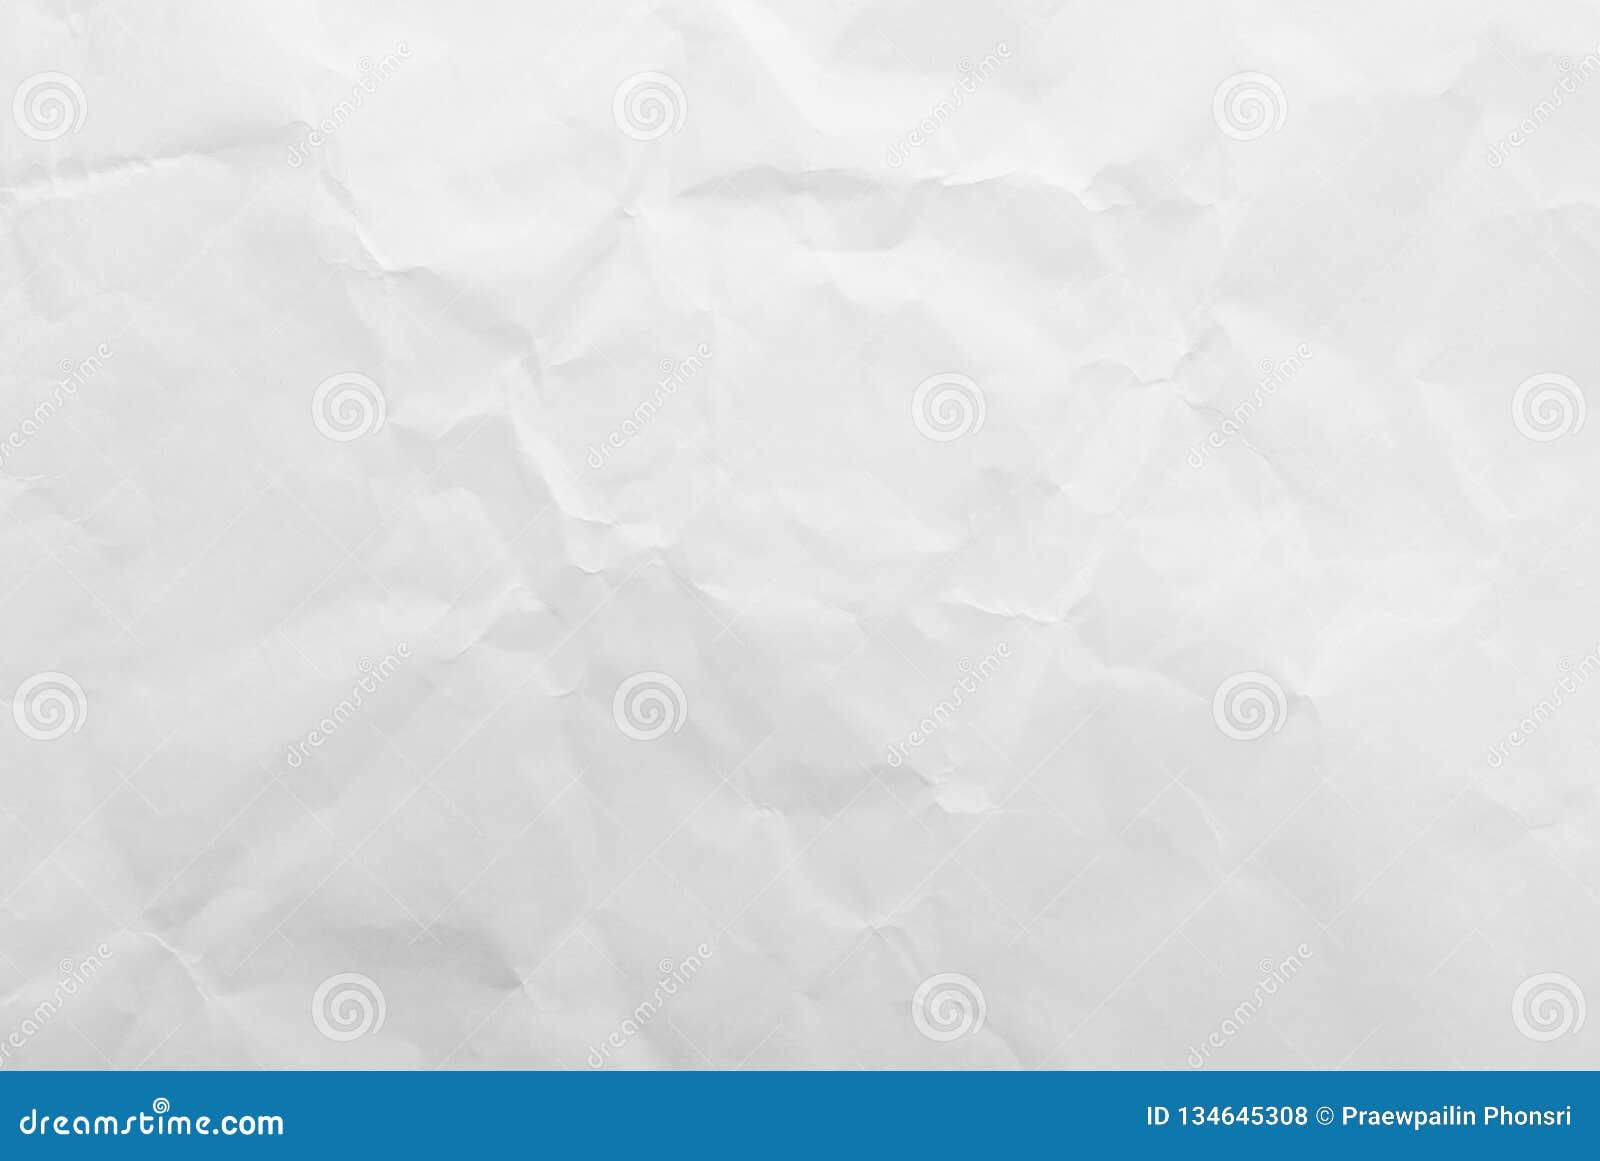 Άσπρο τσαλακωμένο υπόβαθρο σύστασης εγγράφου Κινηματογράφηση σε πρώτο πλάνο